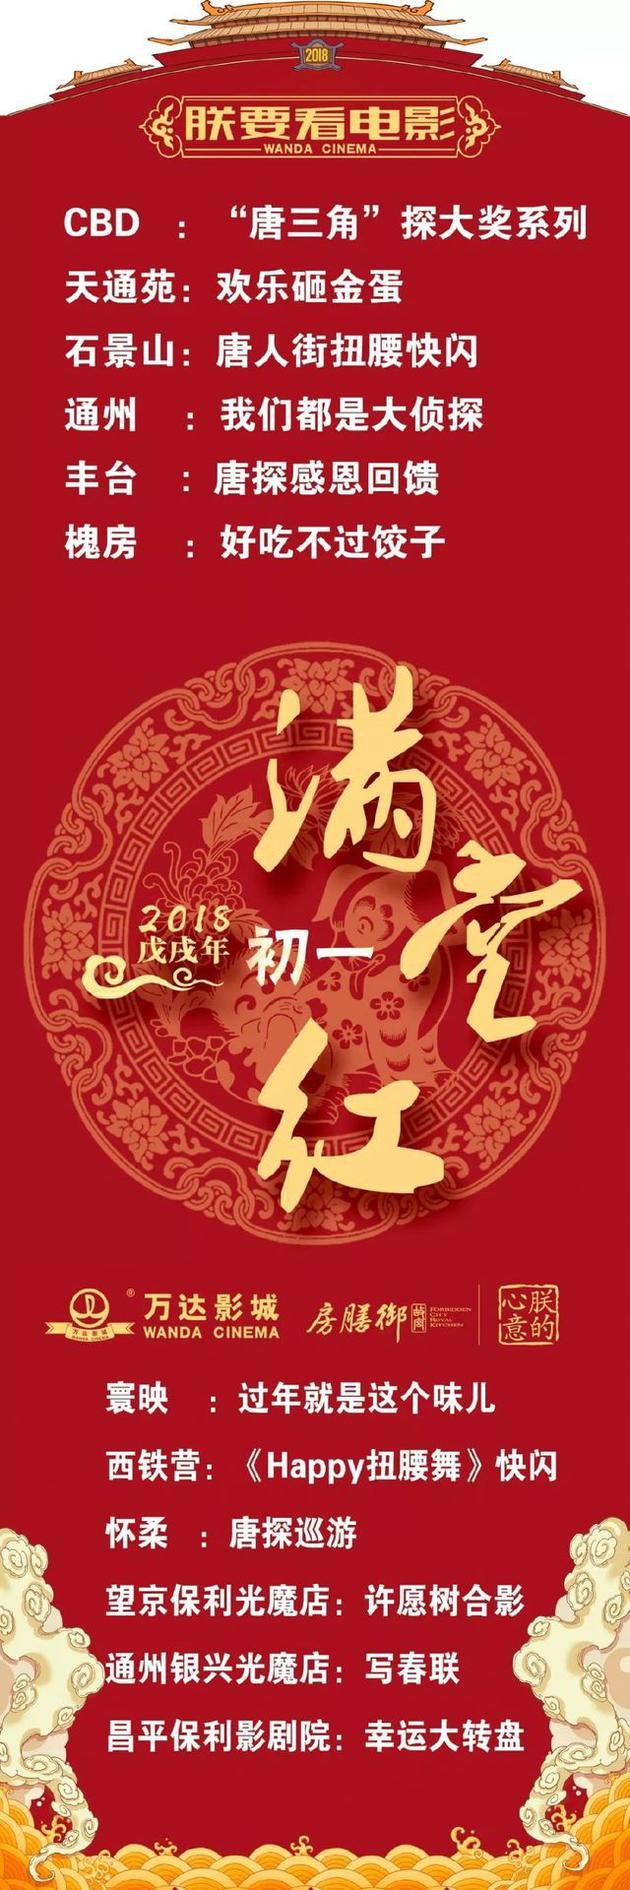 """北京万达影城春节系列活动邀您一起""""玩赚""""春节"""